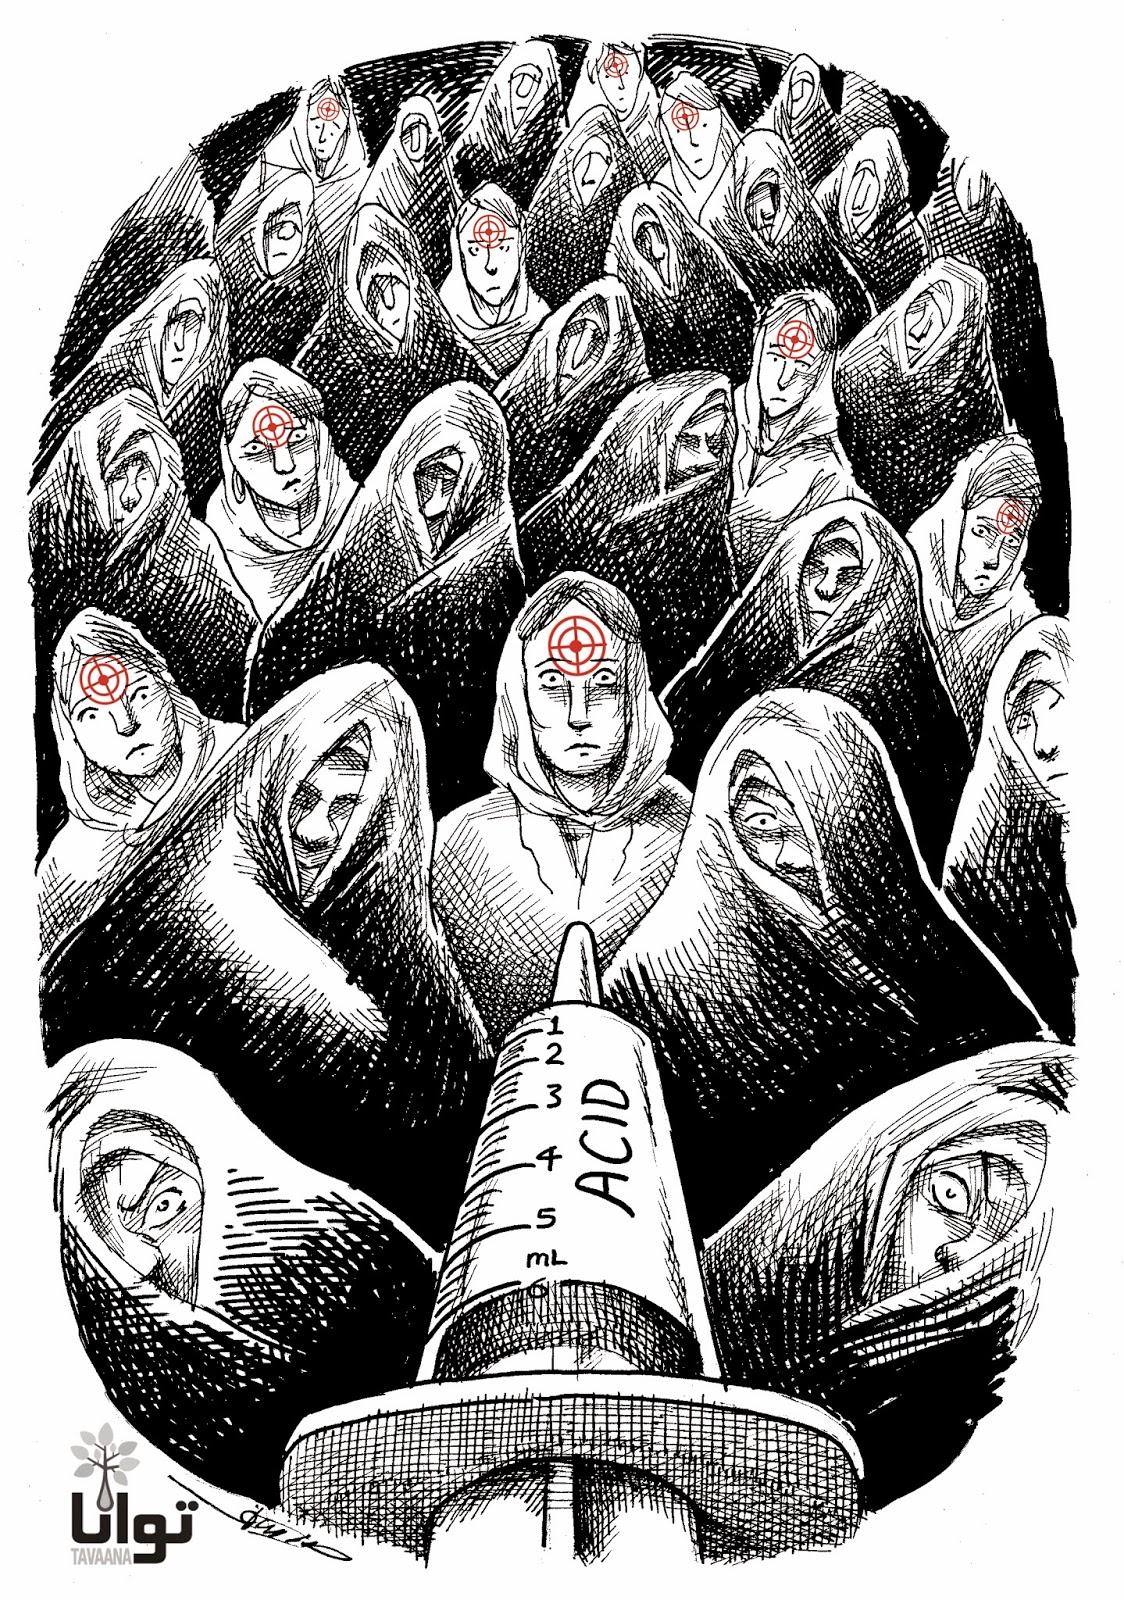 اسید پاشی به زنان، مانا نیستانی